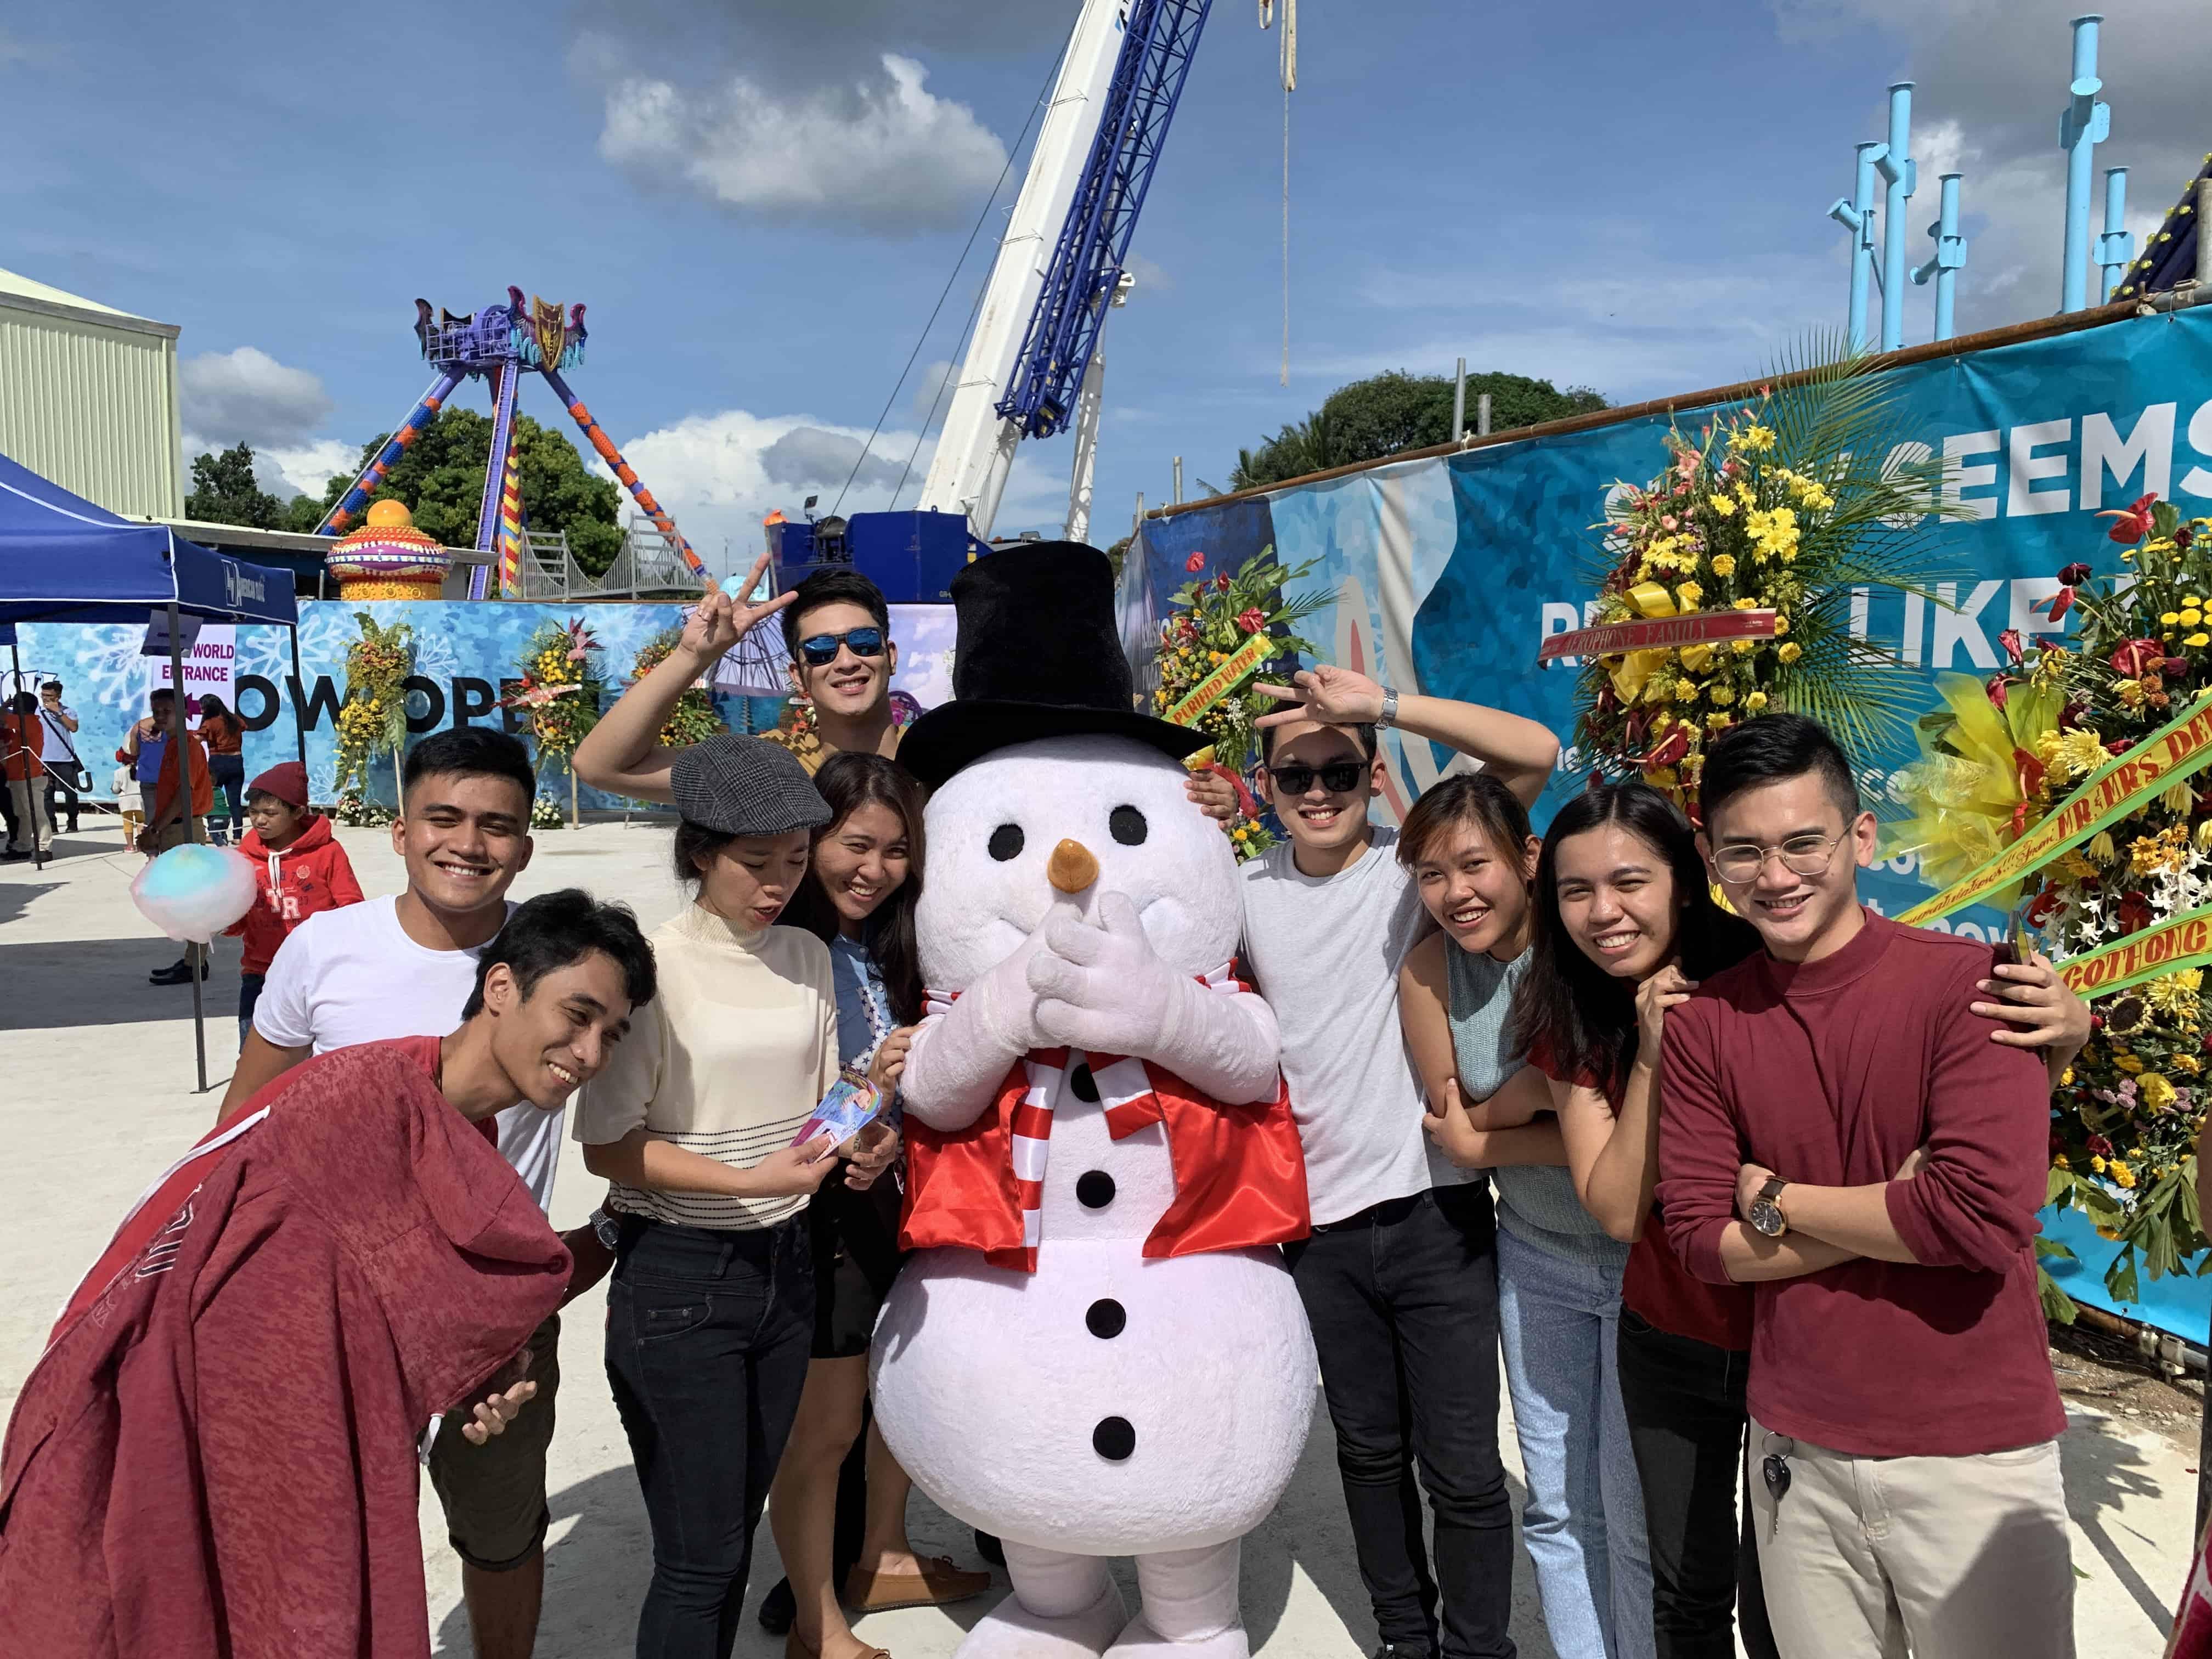 Snow World Cebu Actual Photos (4)